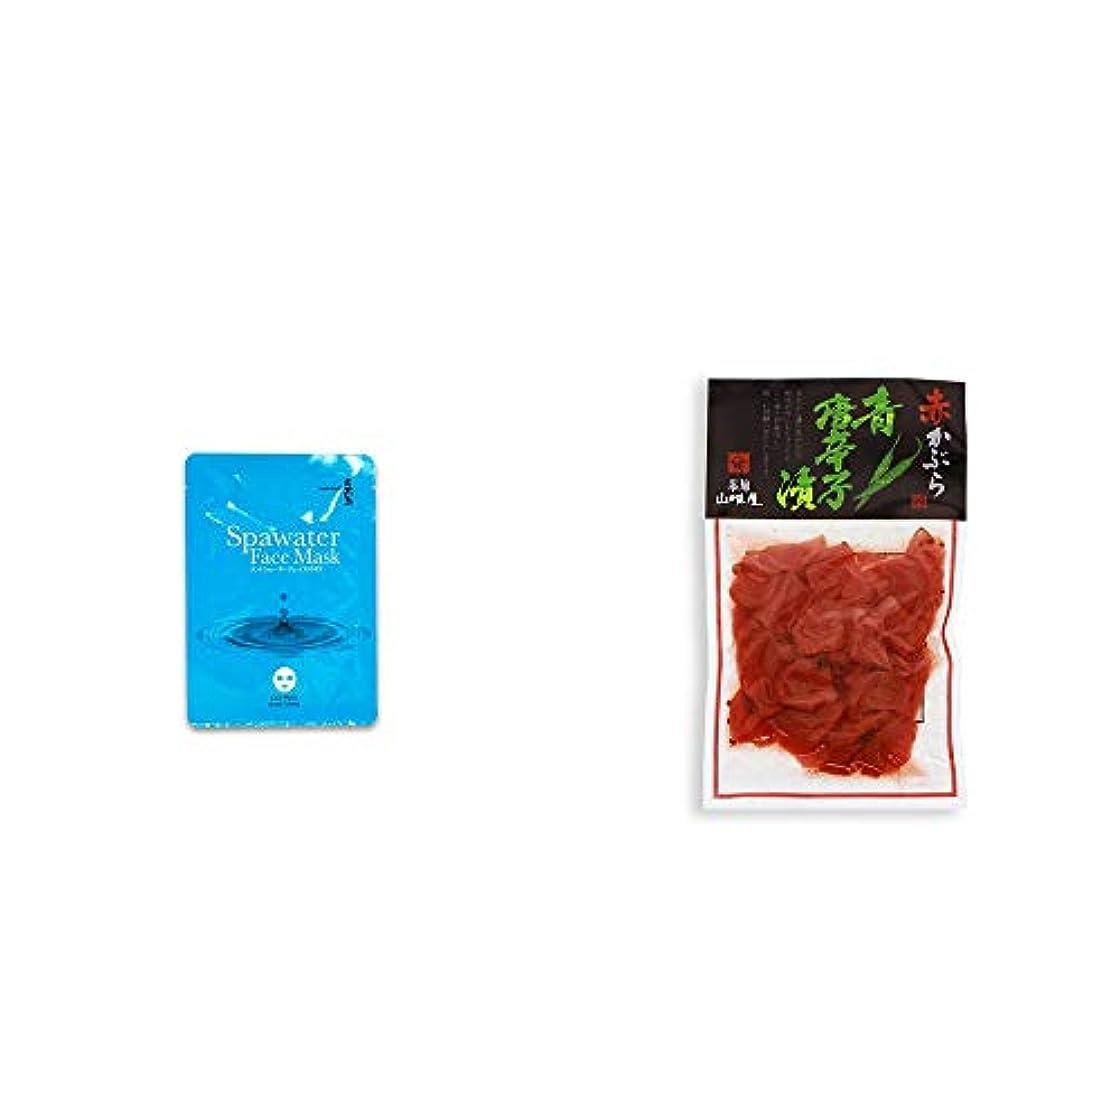 区別銀名義で[2点セット] ひのき炭黒泉 スパウォーターフェイスマスク(18ml×3枚入)・飛騨山味屋 赤かぶら 青唐辛子漬(140g)